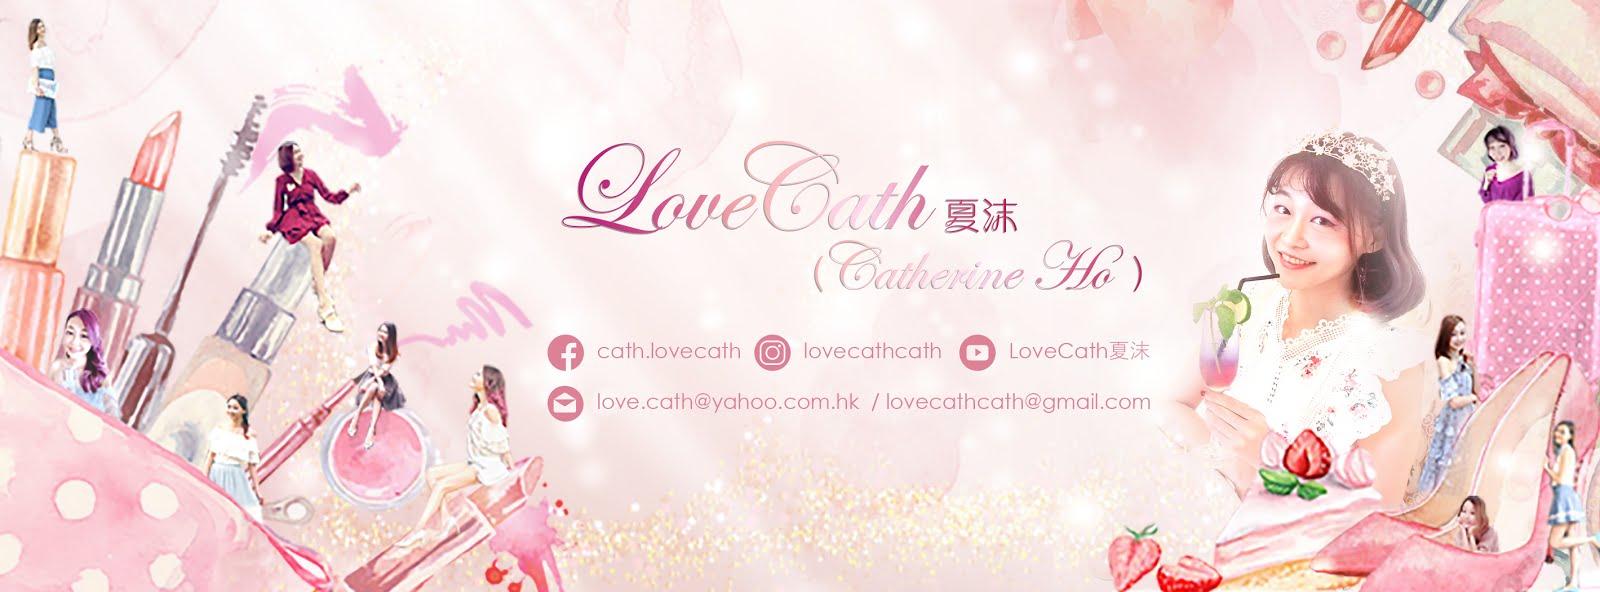 LoveCath 夏沫。愛的分享